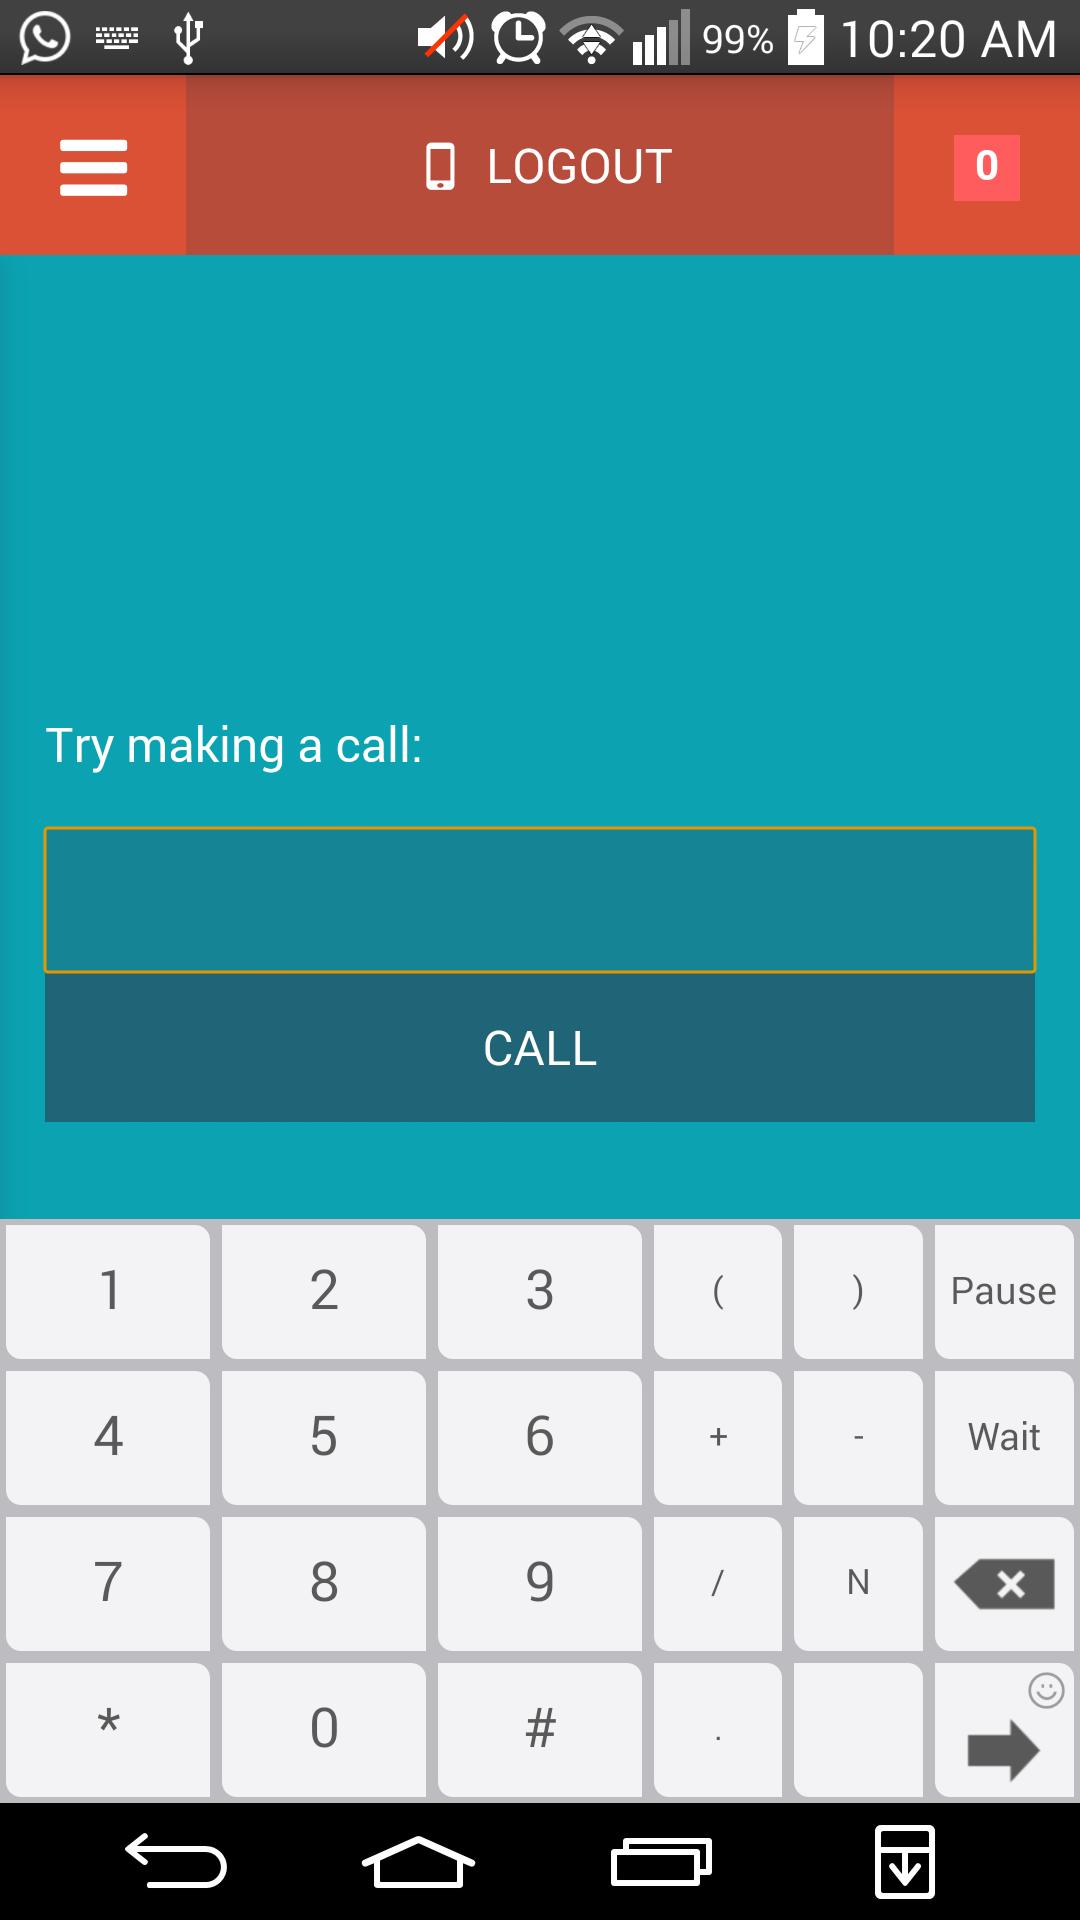 Il Miglior Modo Di Sfruttare Il Telefono Degli Altri In